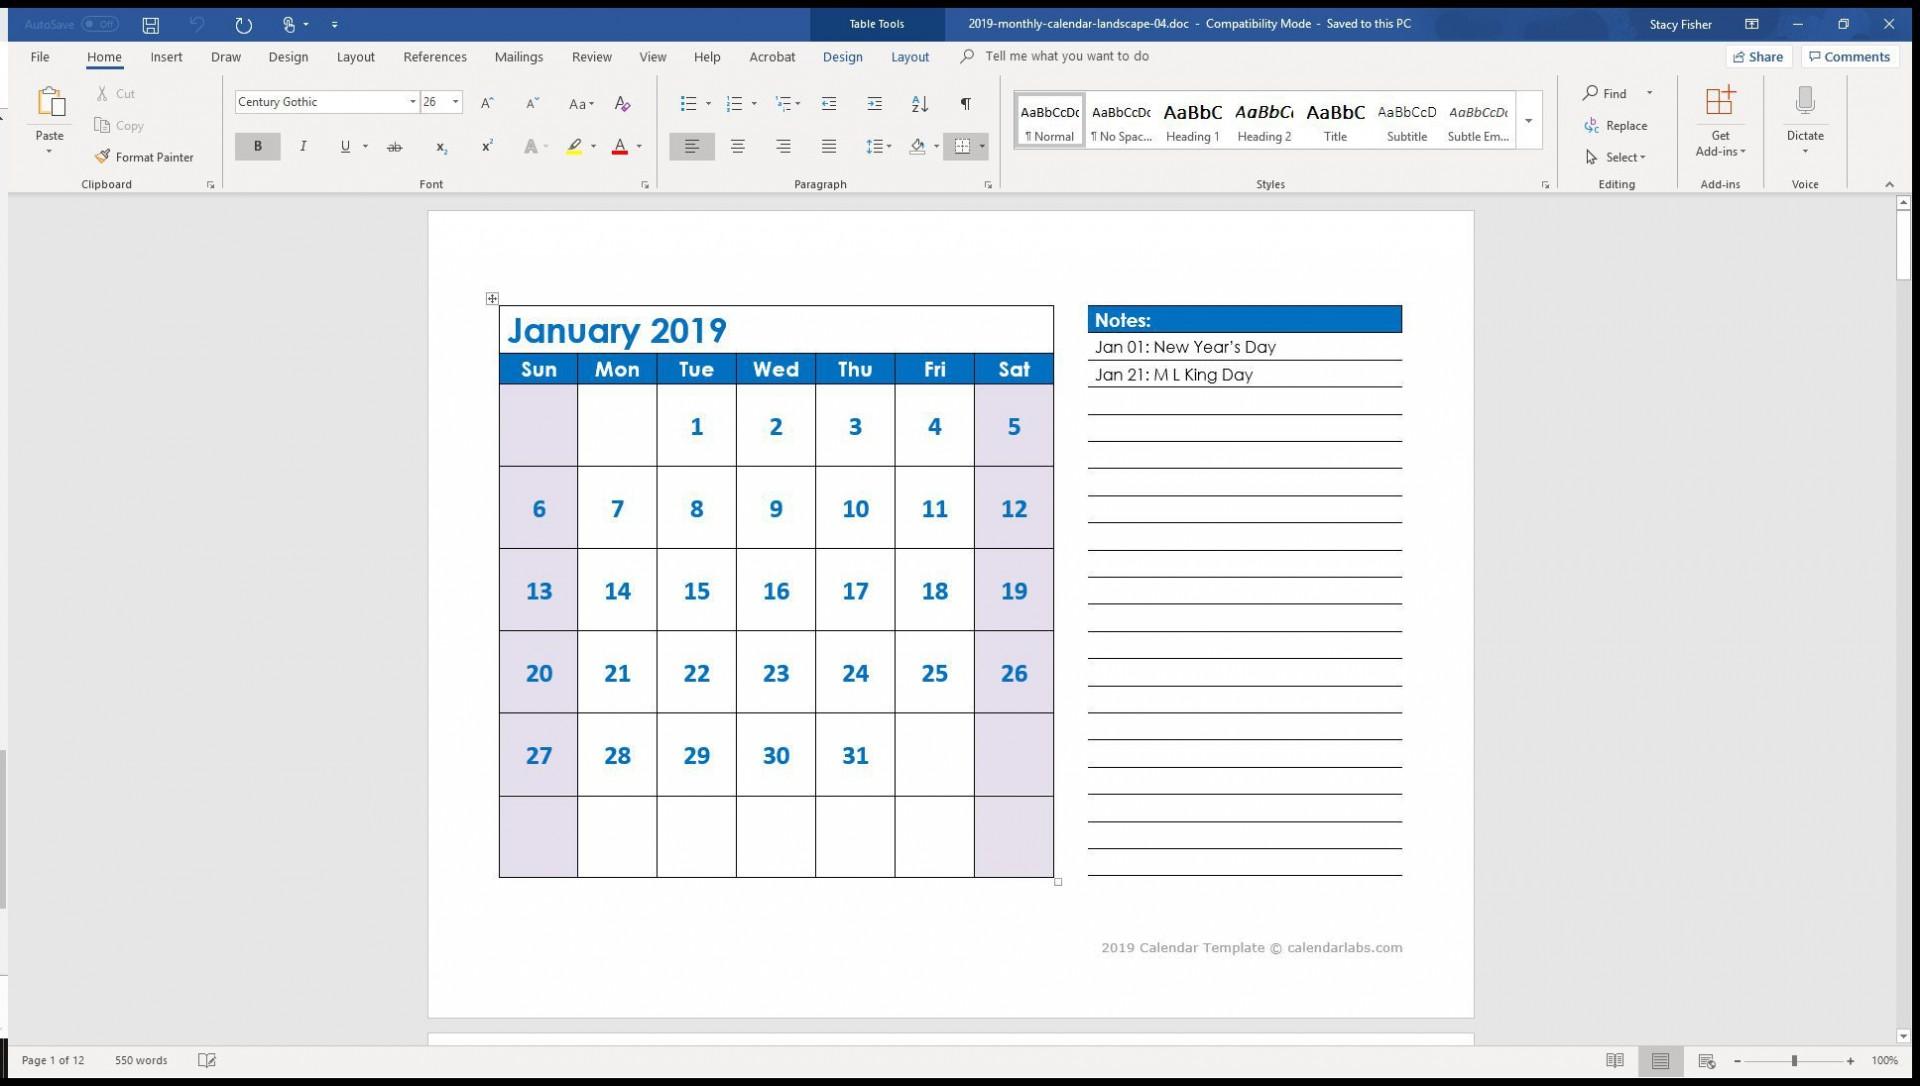 004 Stunning 2019 Calendar Template Word 2007 Inspiration 1920